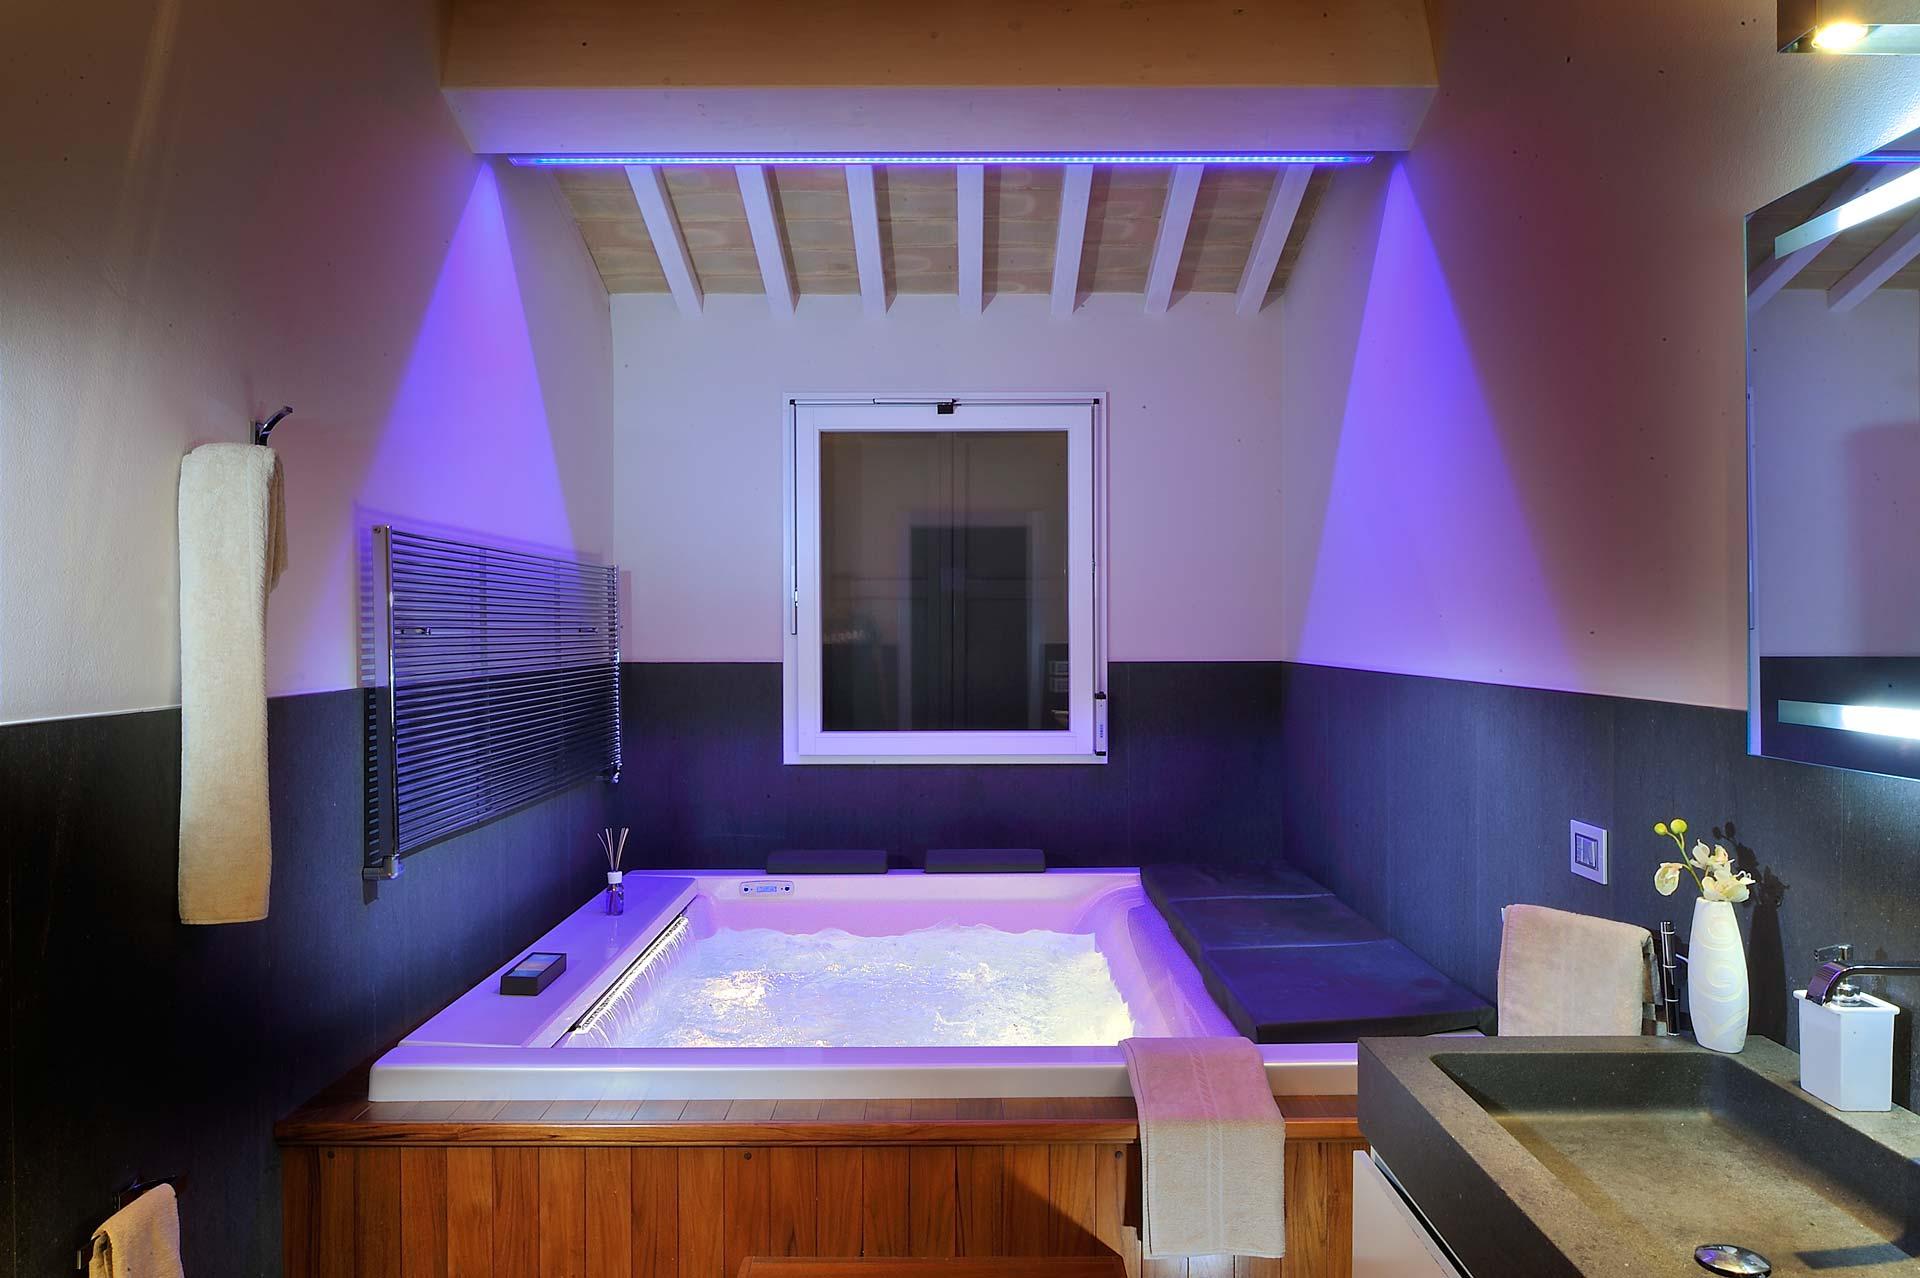 fotografia di interni bagno con piscina